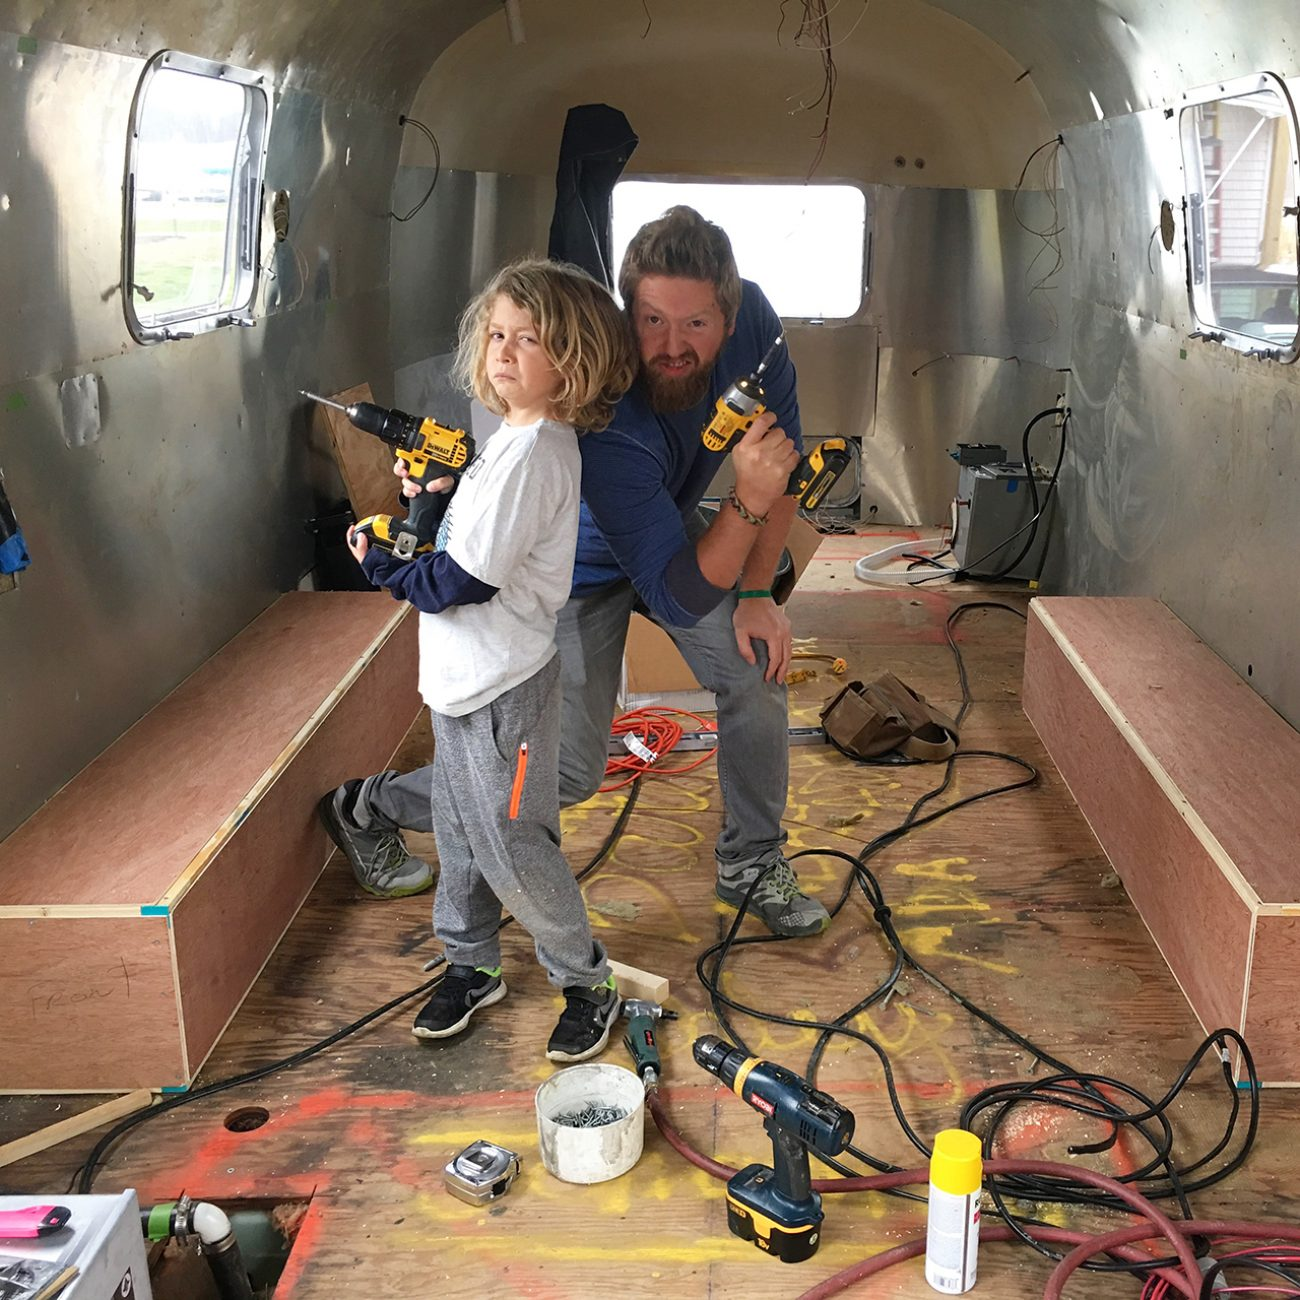 Jon And Jax Getting It Done